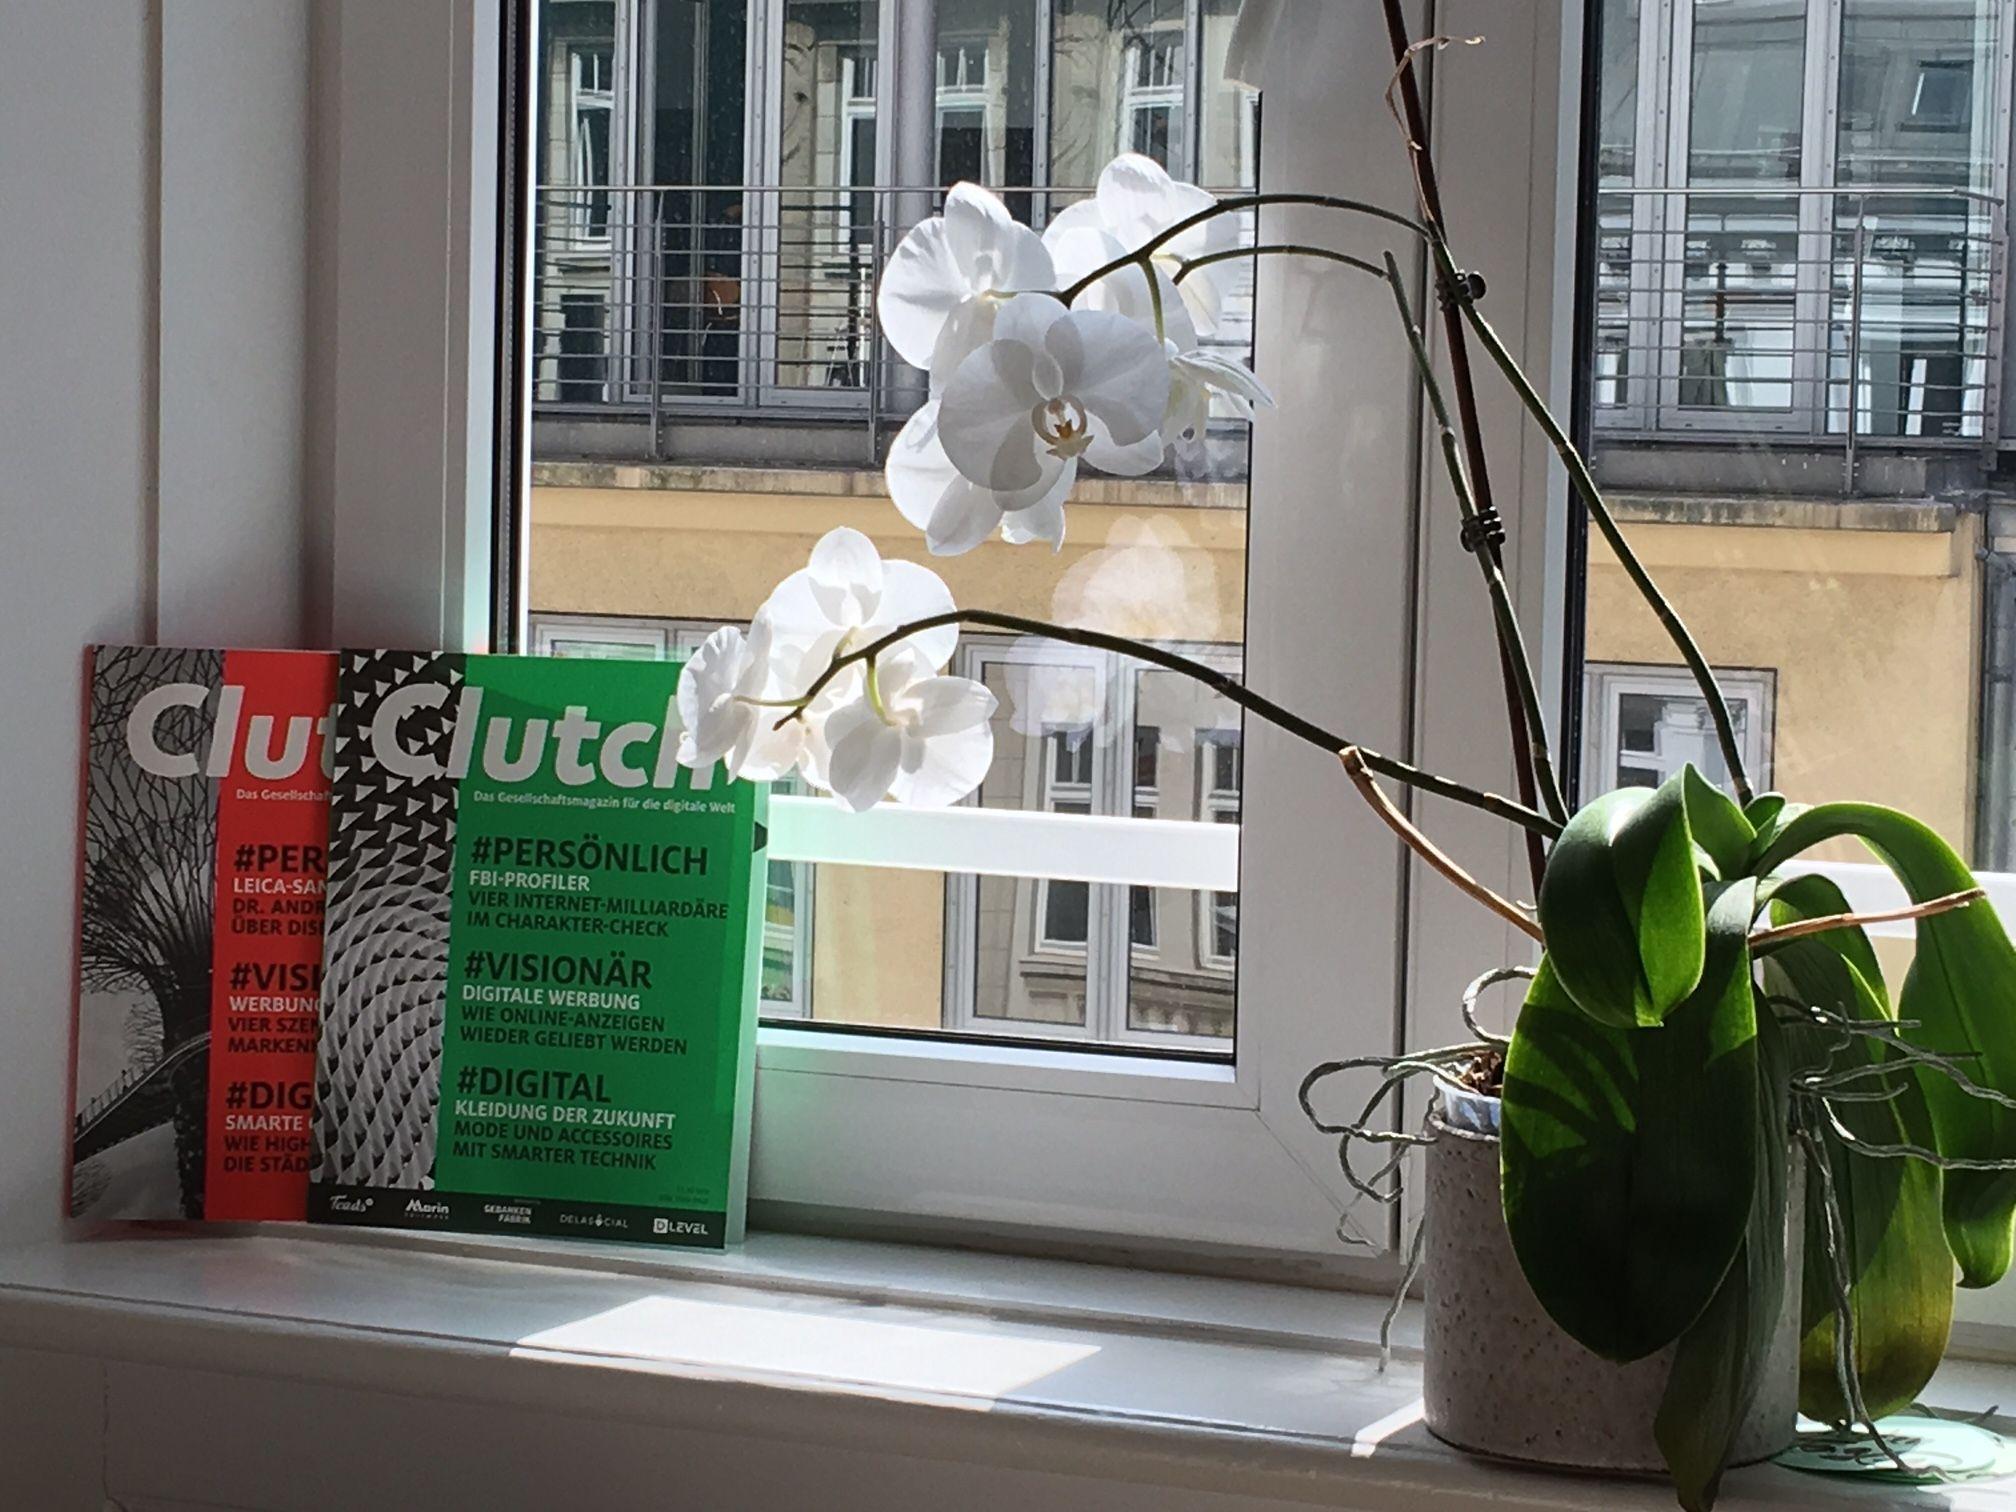 Clutch Magazin 1 und 2